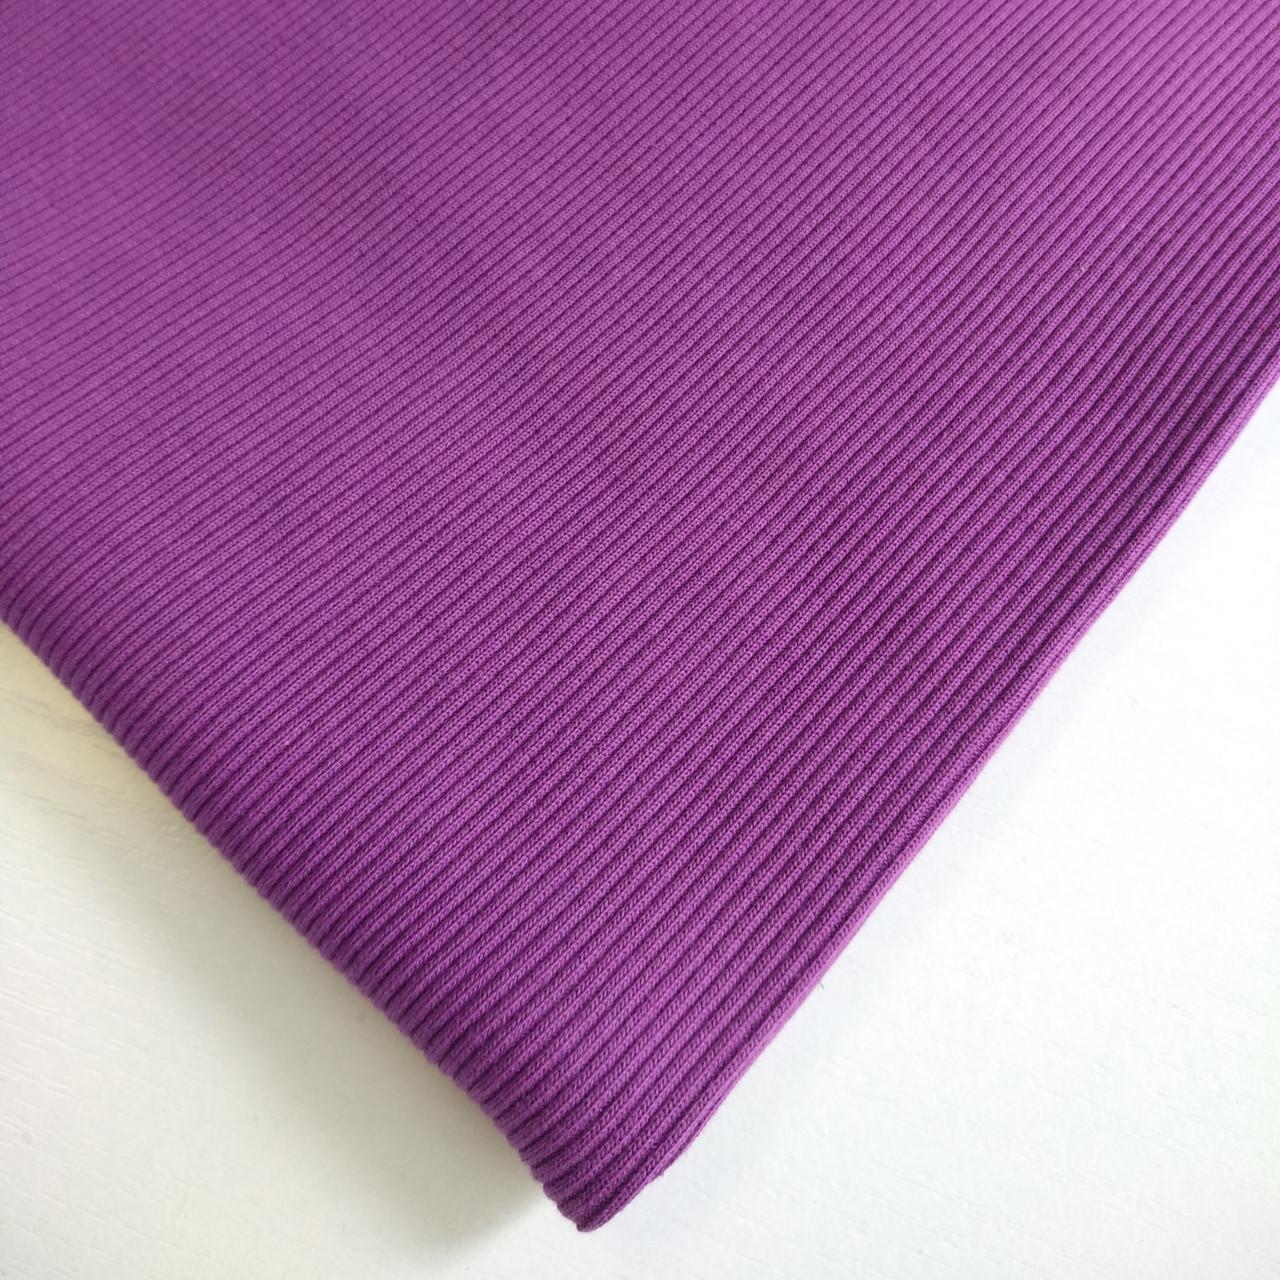 ткань трикотажная кашкорсе для трехнитки цвет фиолетовый.